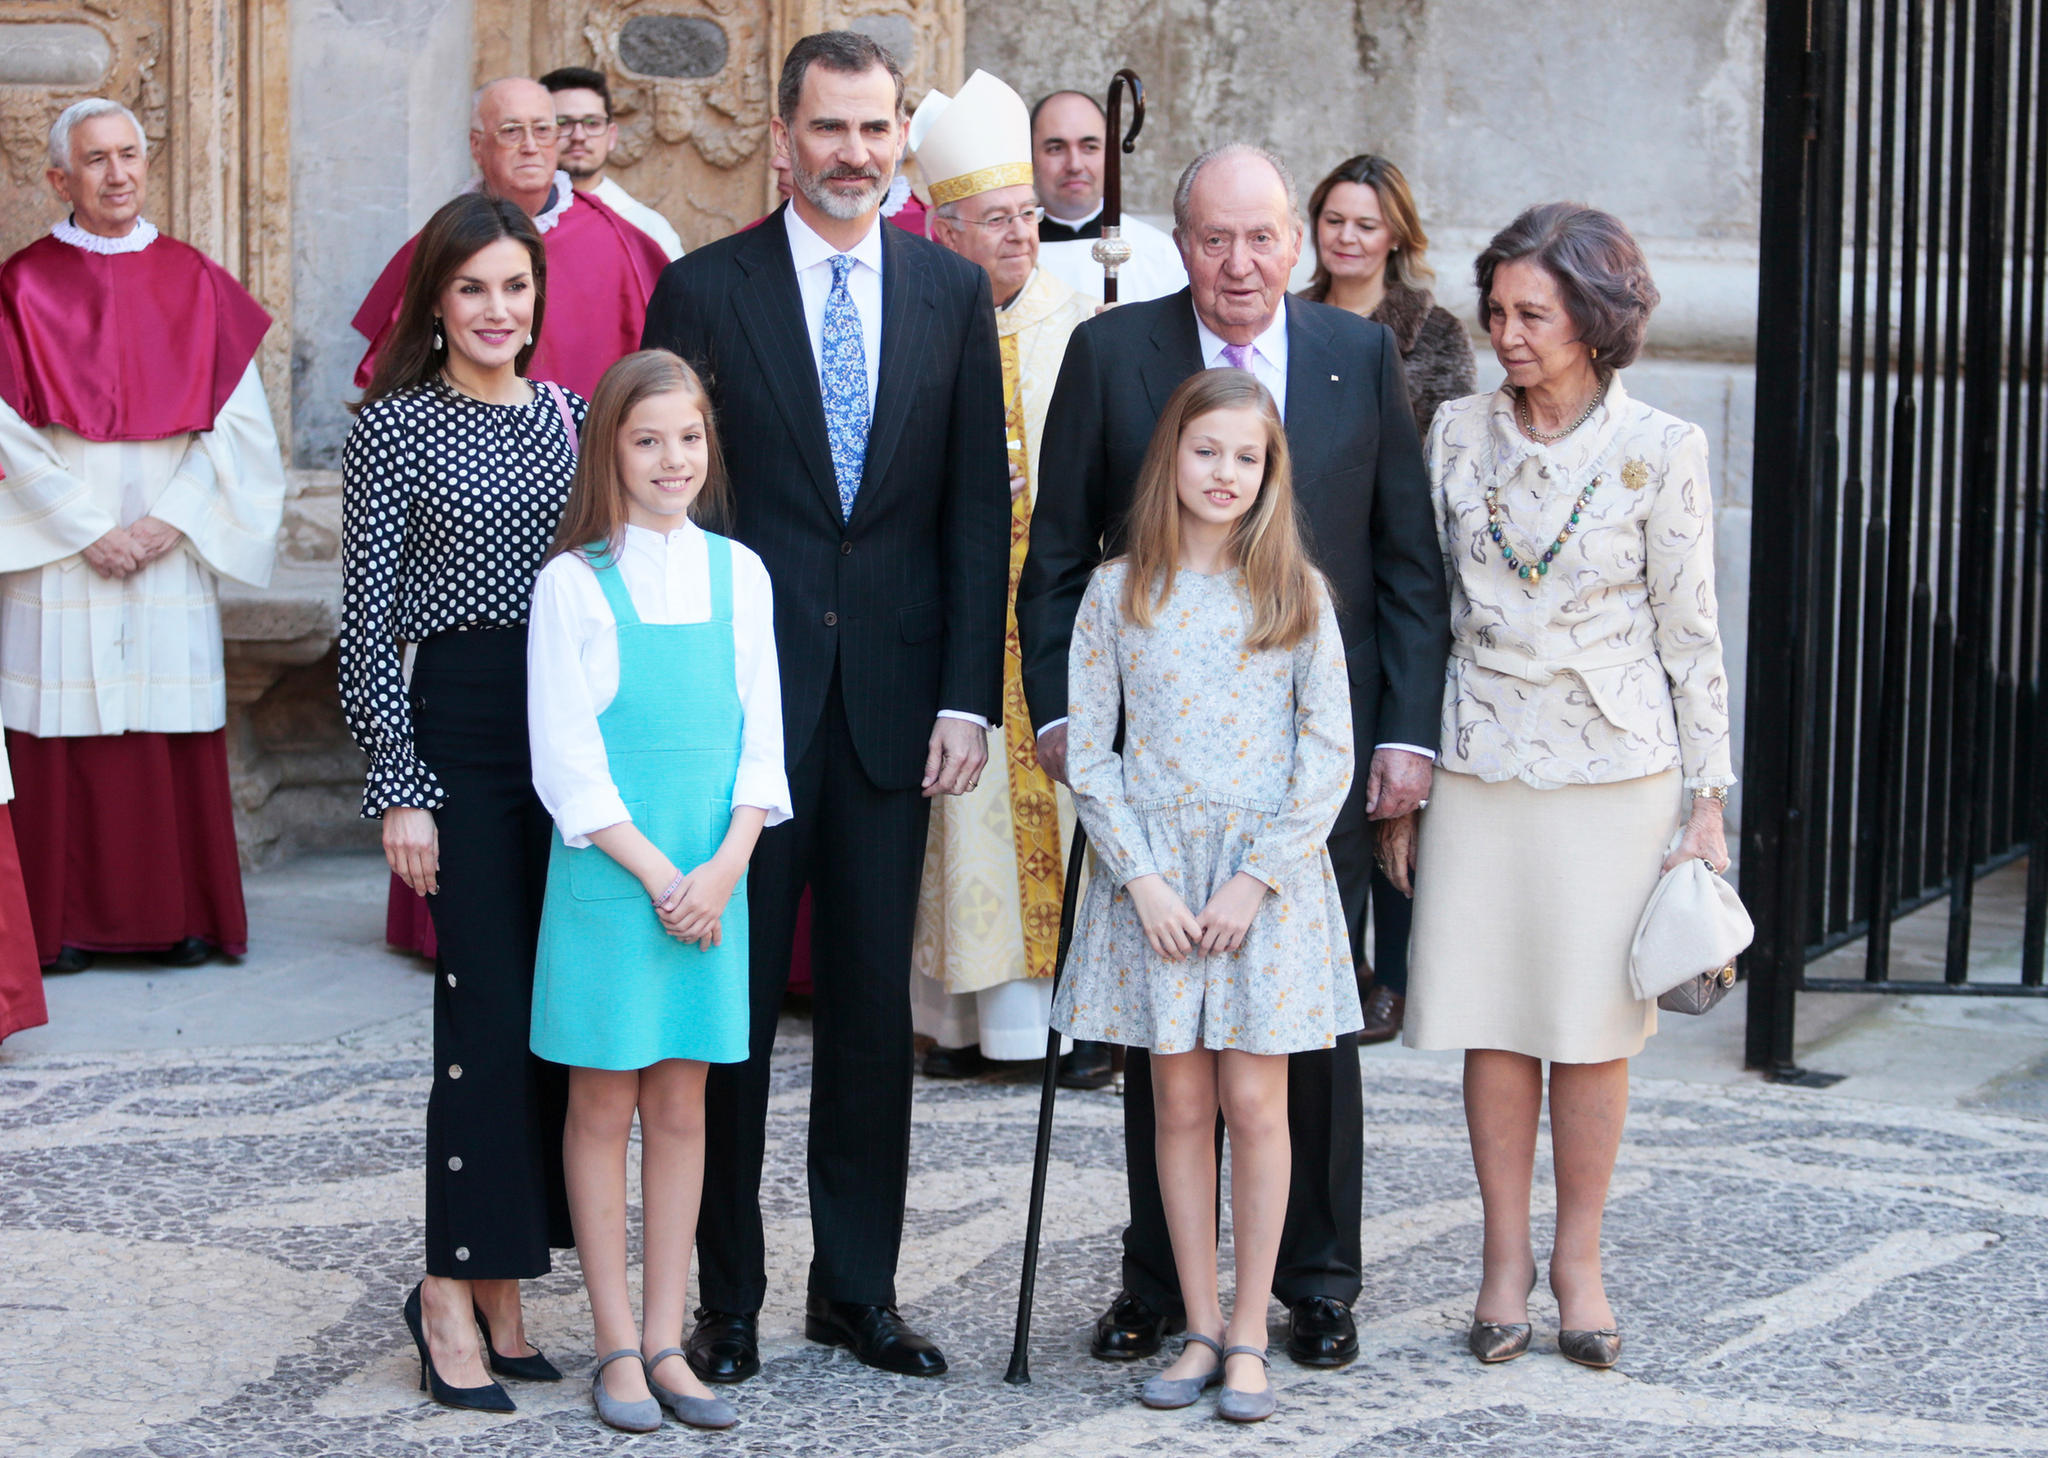 Schöner Schein fürs Gruppenfoto: Nach der Messe lächelt die königliche Familie in die Kameras